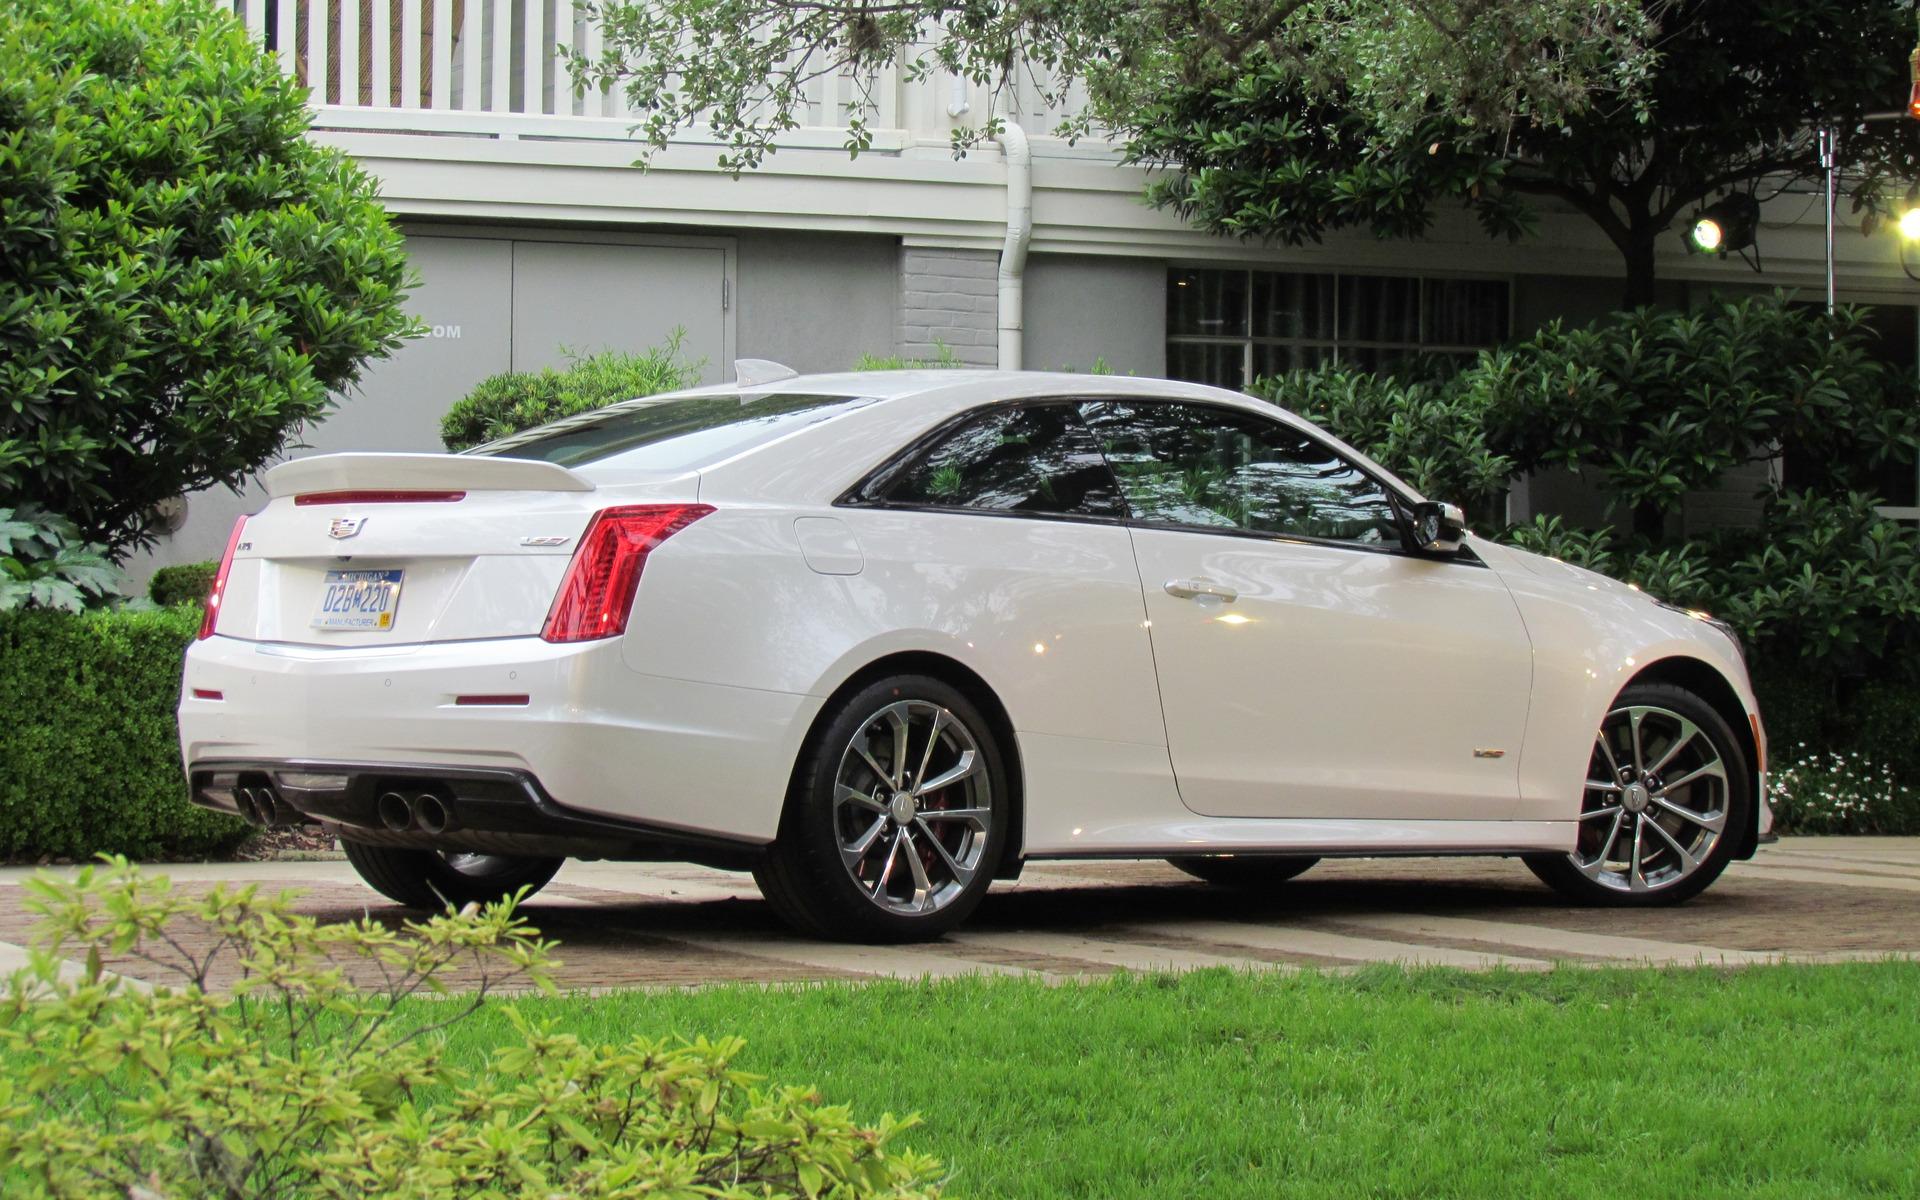 Cadillac Ats Coupe >> 2016 Cadillac ATS-V: A Track-Ready Cadillac? You Bet! - 4/21